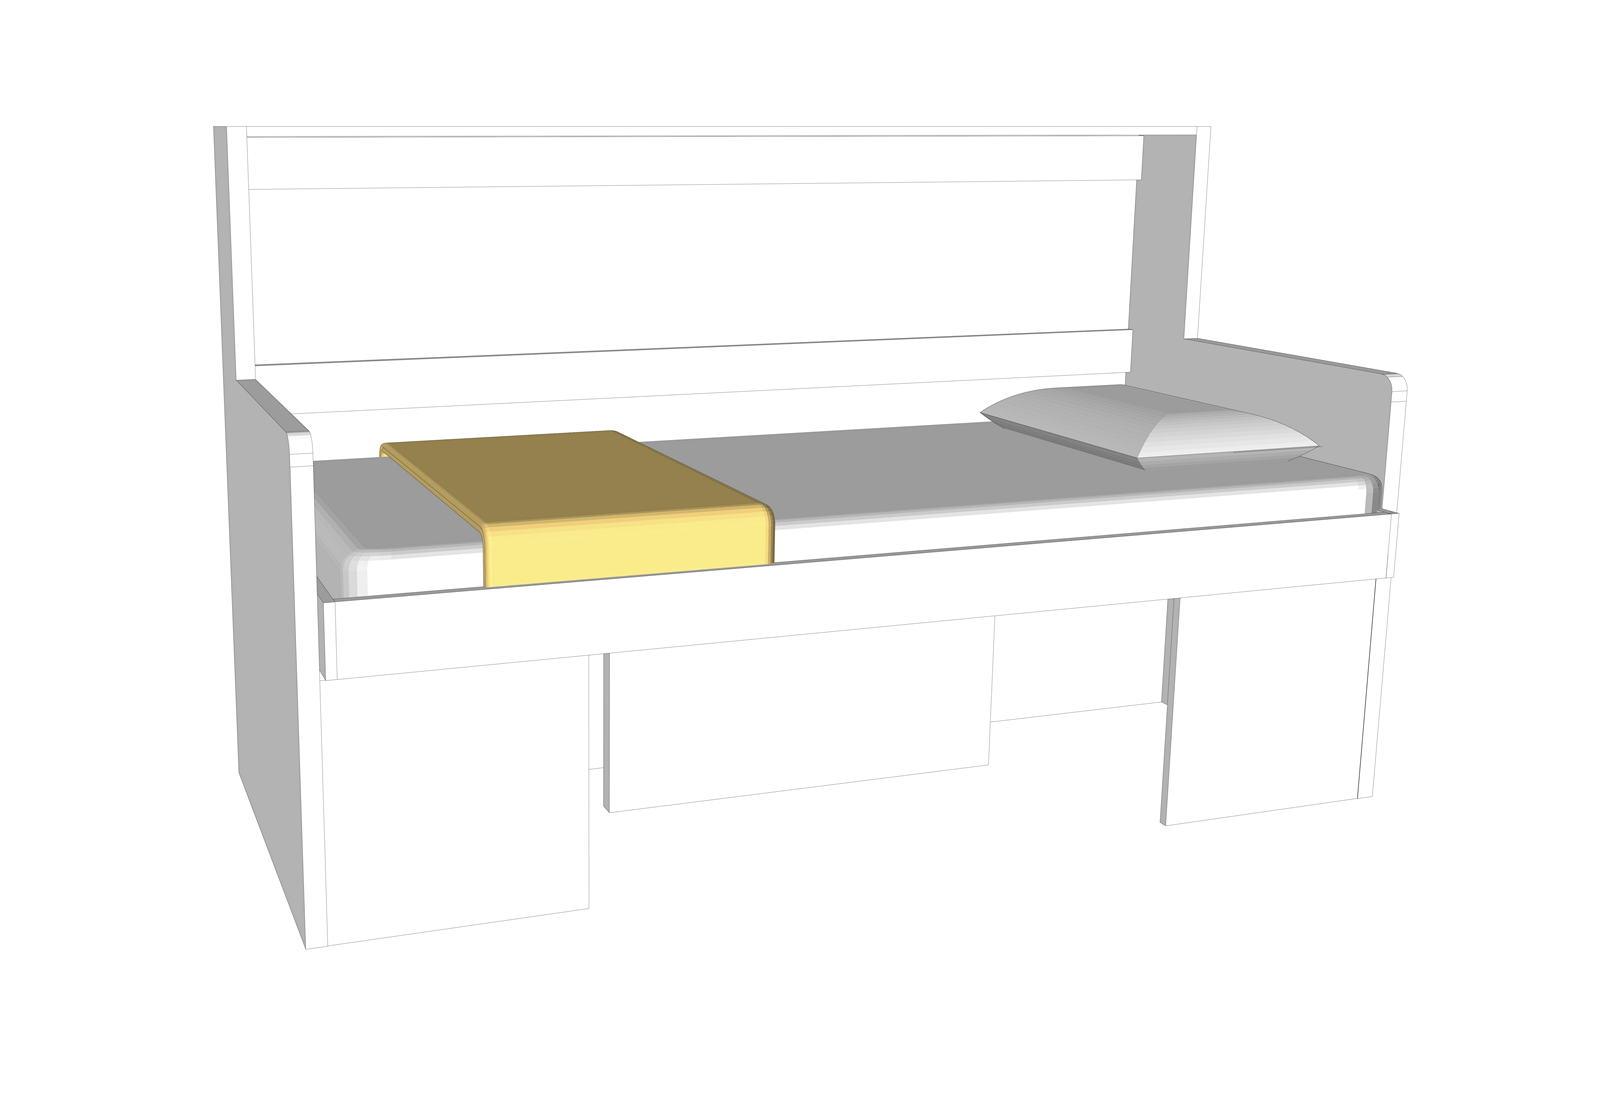 Letto a scomparsa in tavolo o scrivania fast bed aa - Letti chiudibili a parete ...